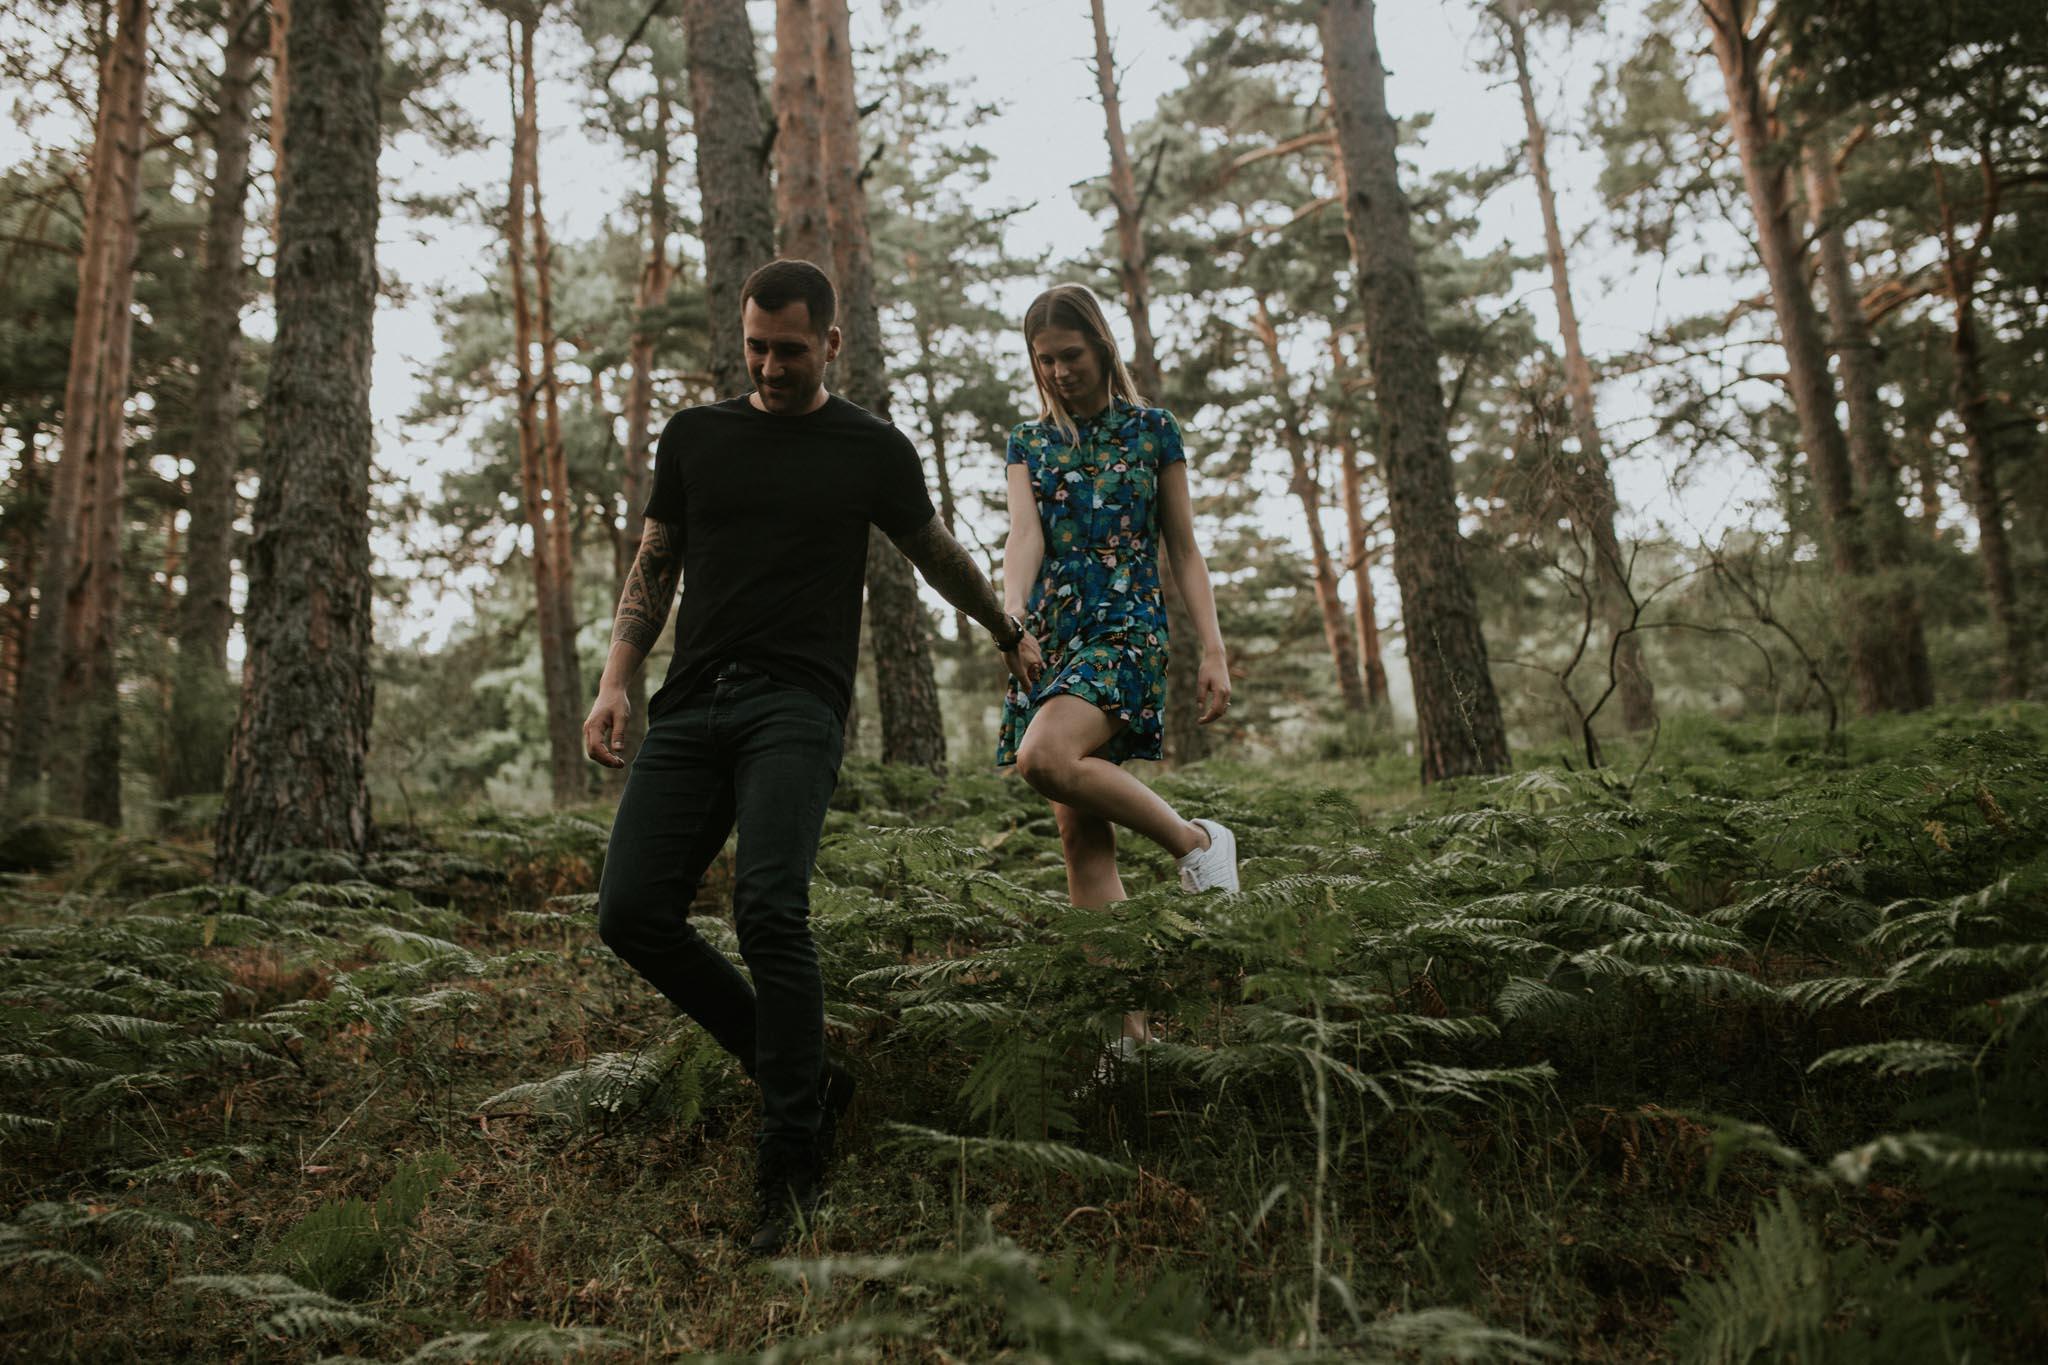 Fotografia pareja bosque 50 Concorazon